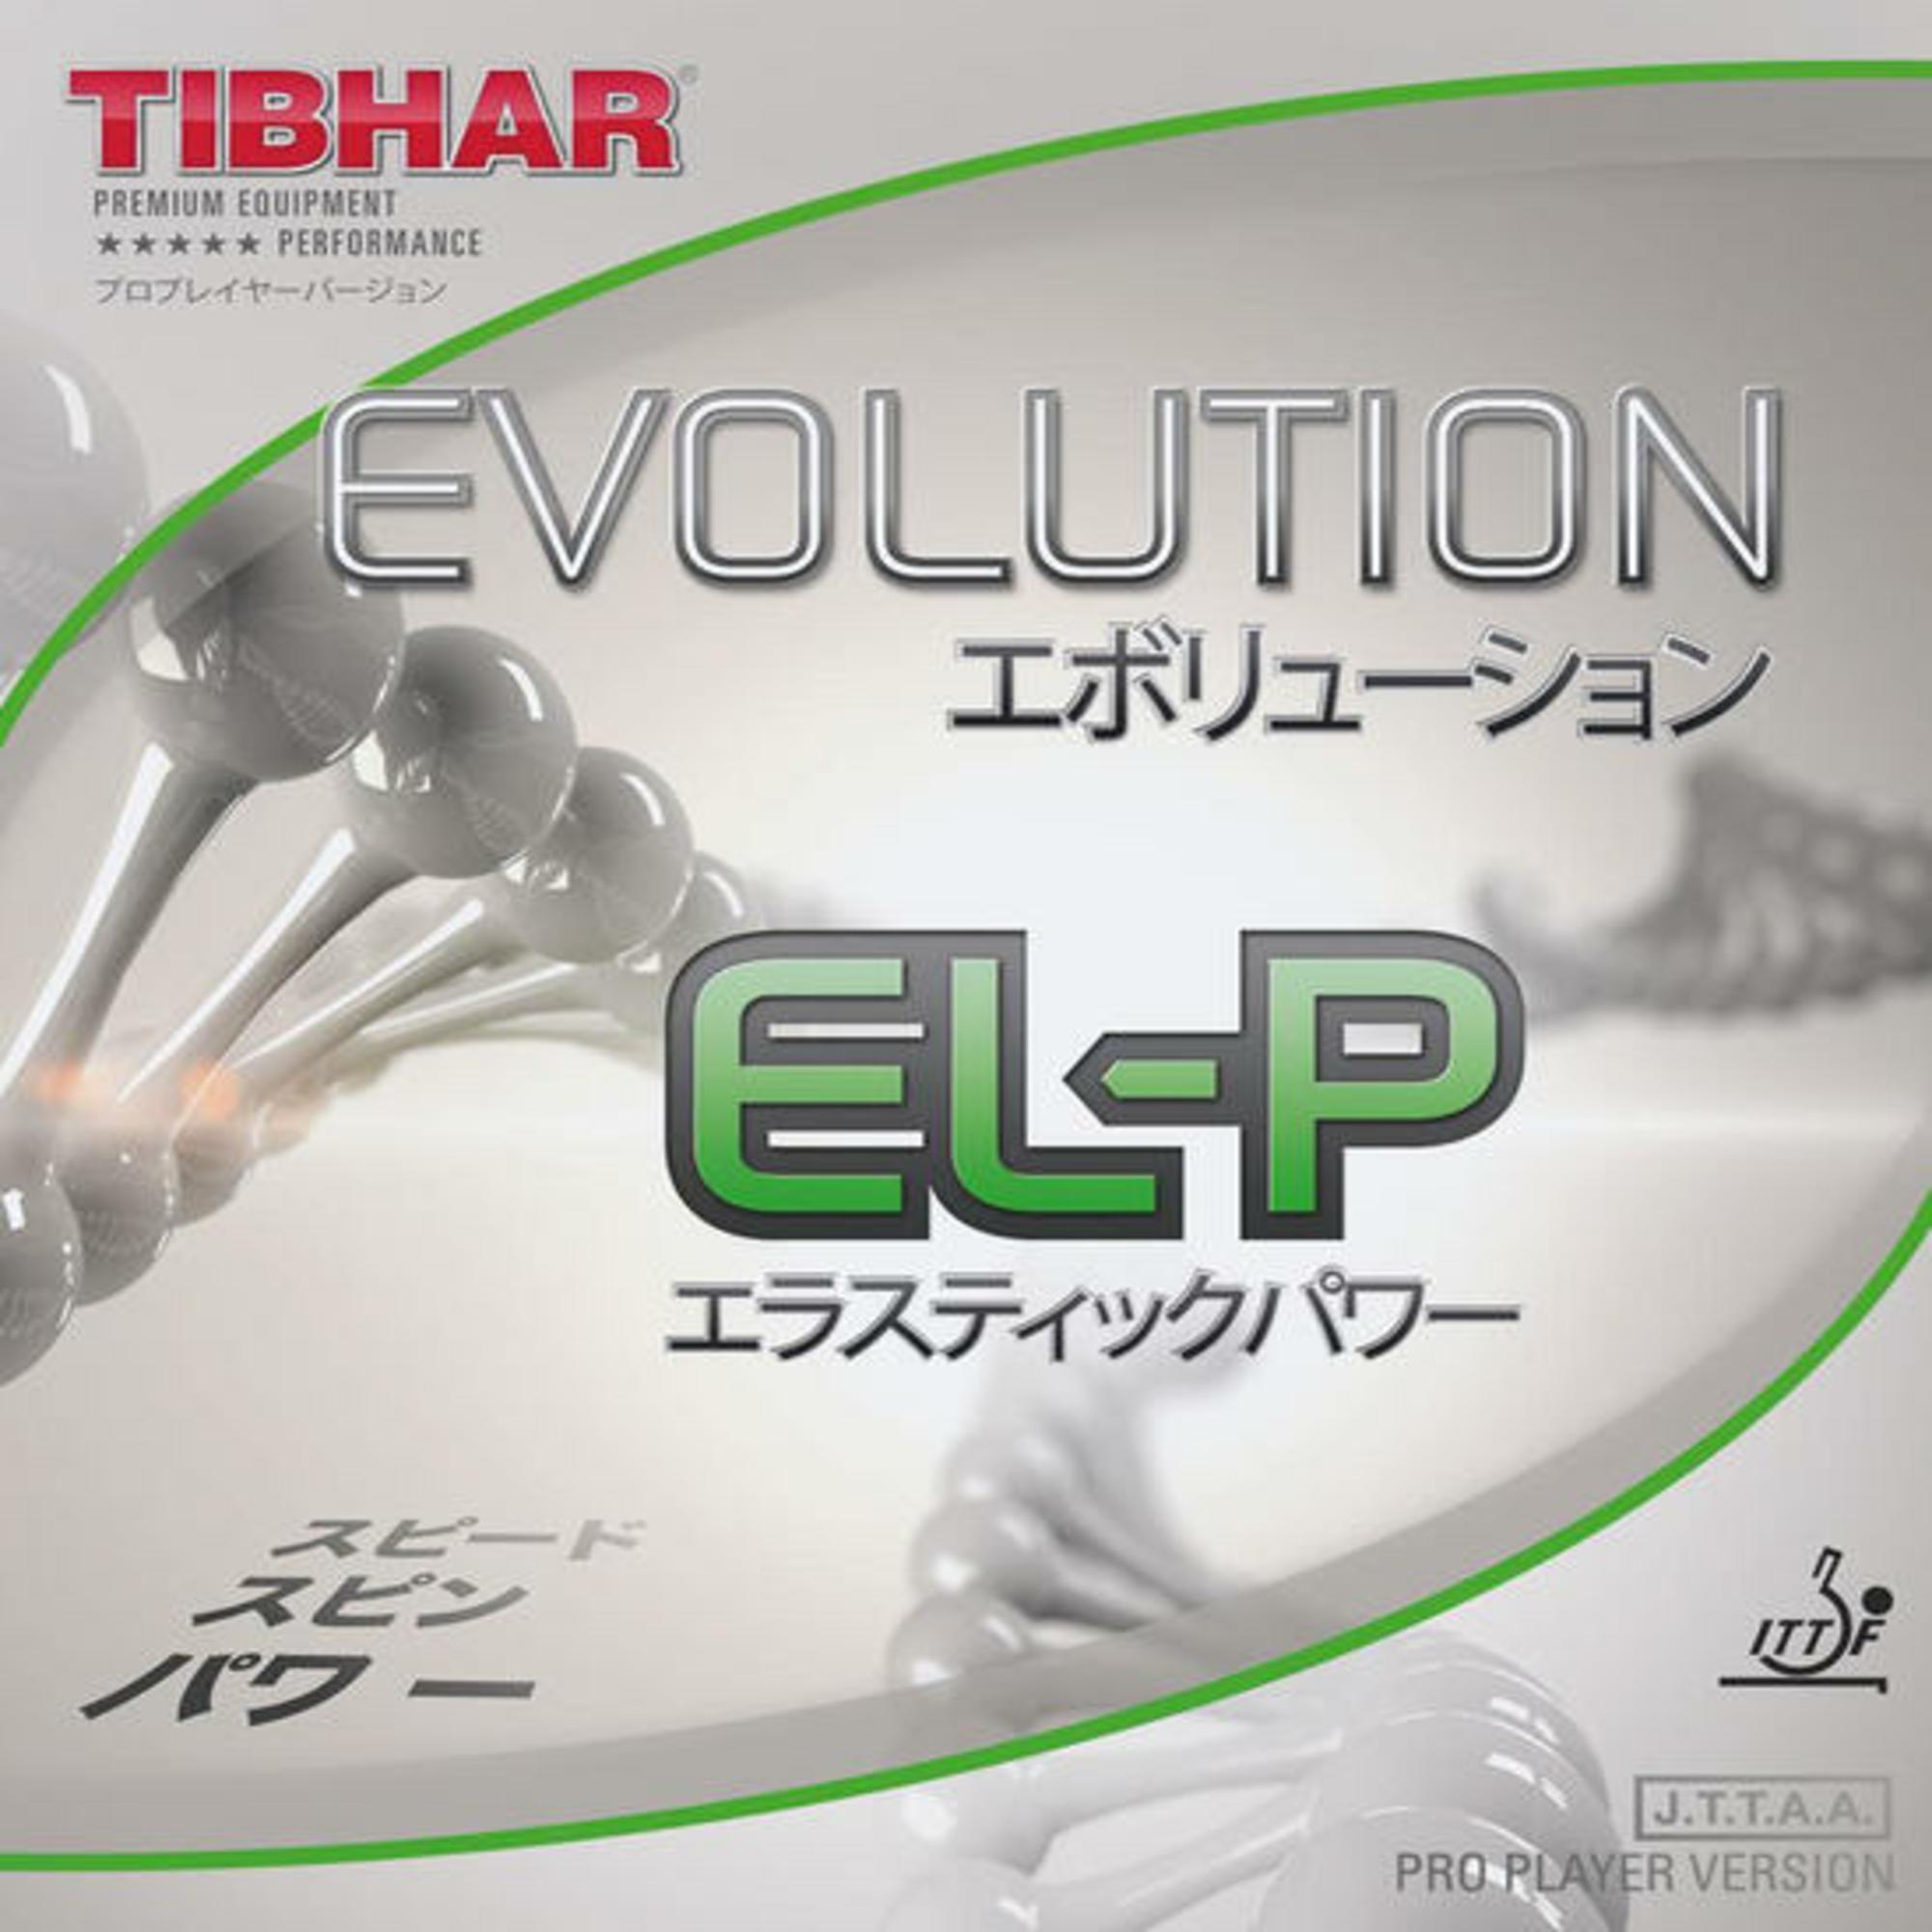 Față Evolution EL-P imagine